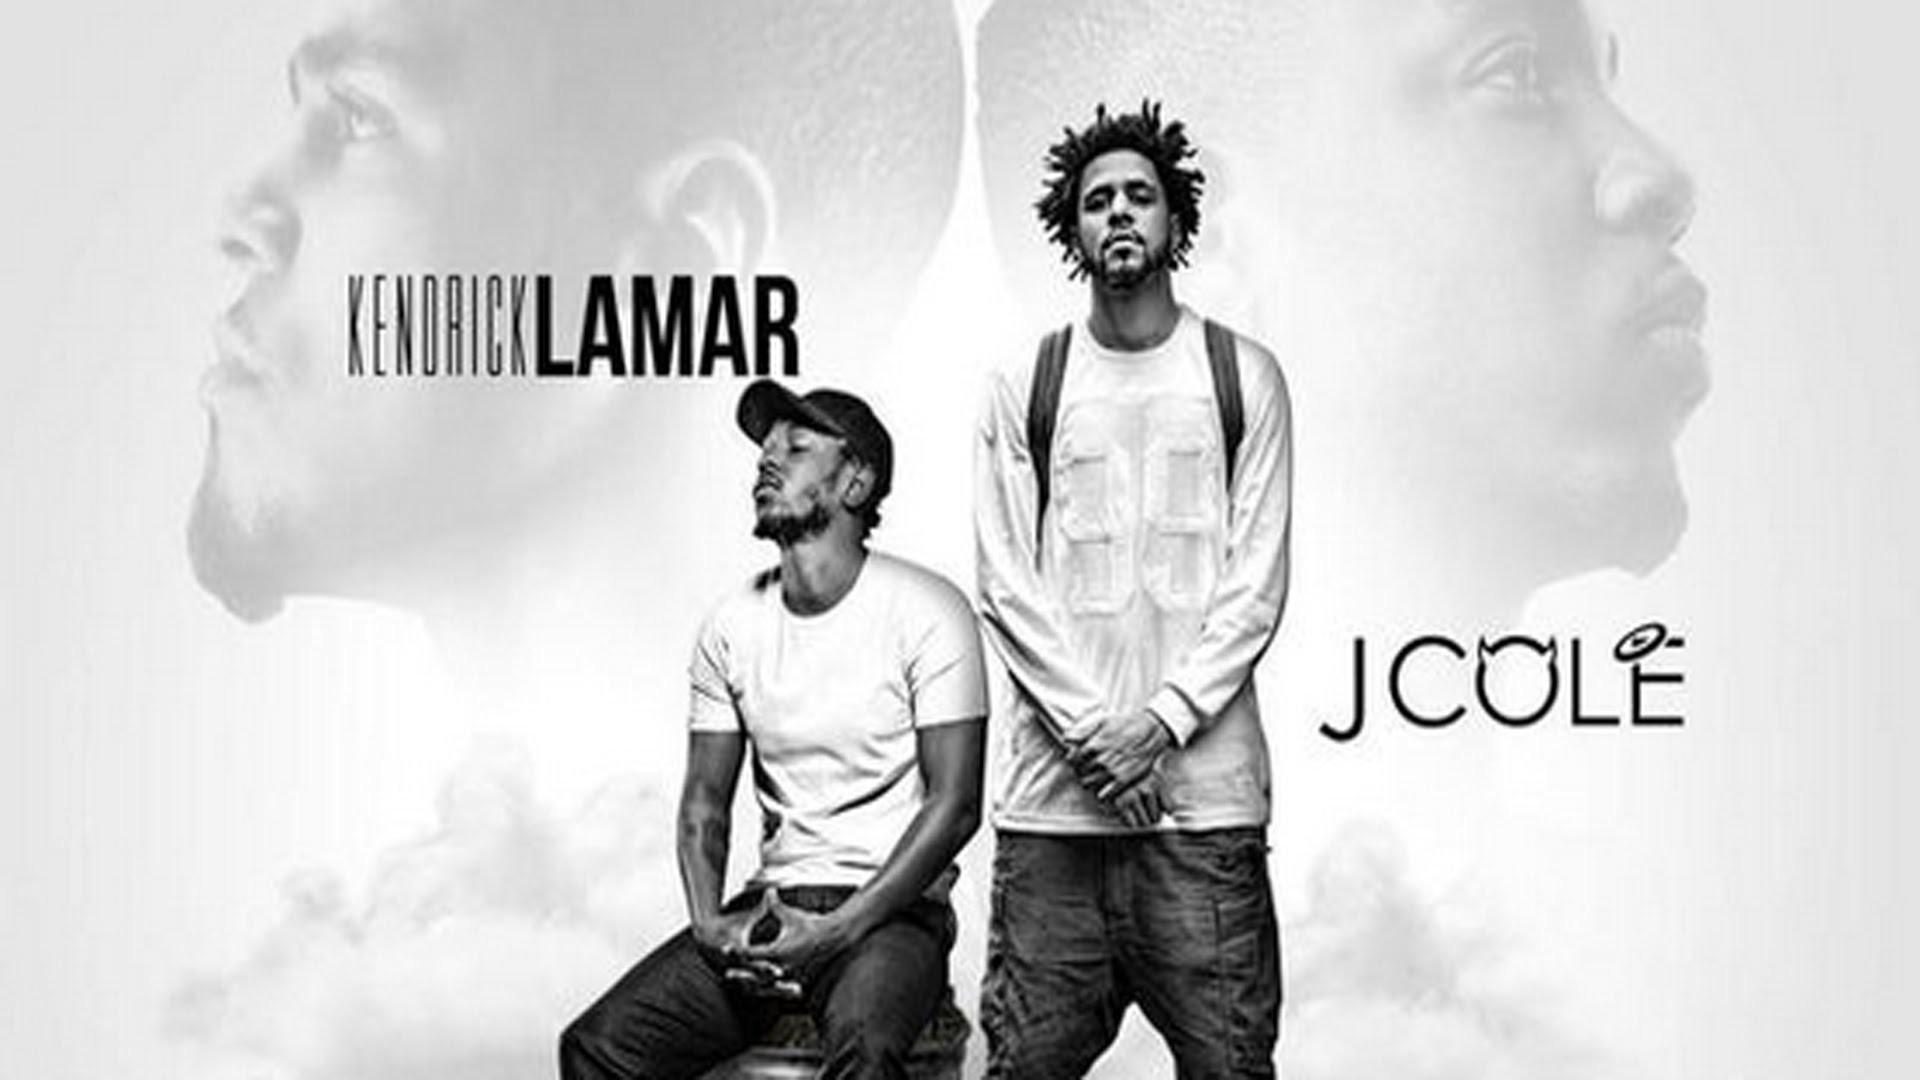 Kendrick Lamar Wallpapers (76+ images)